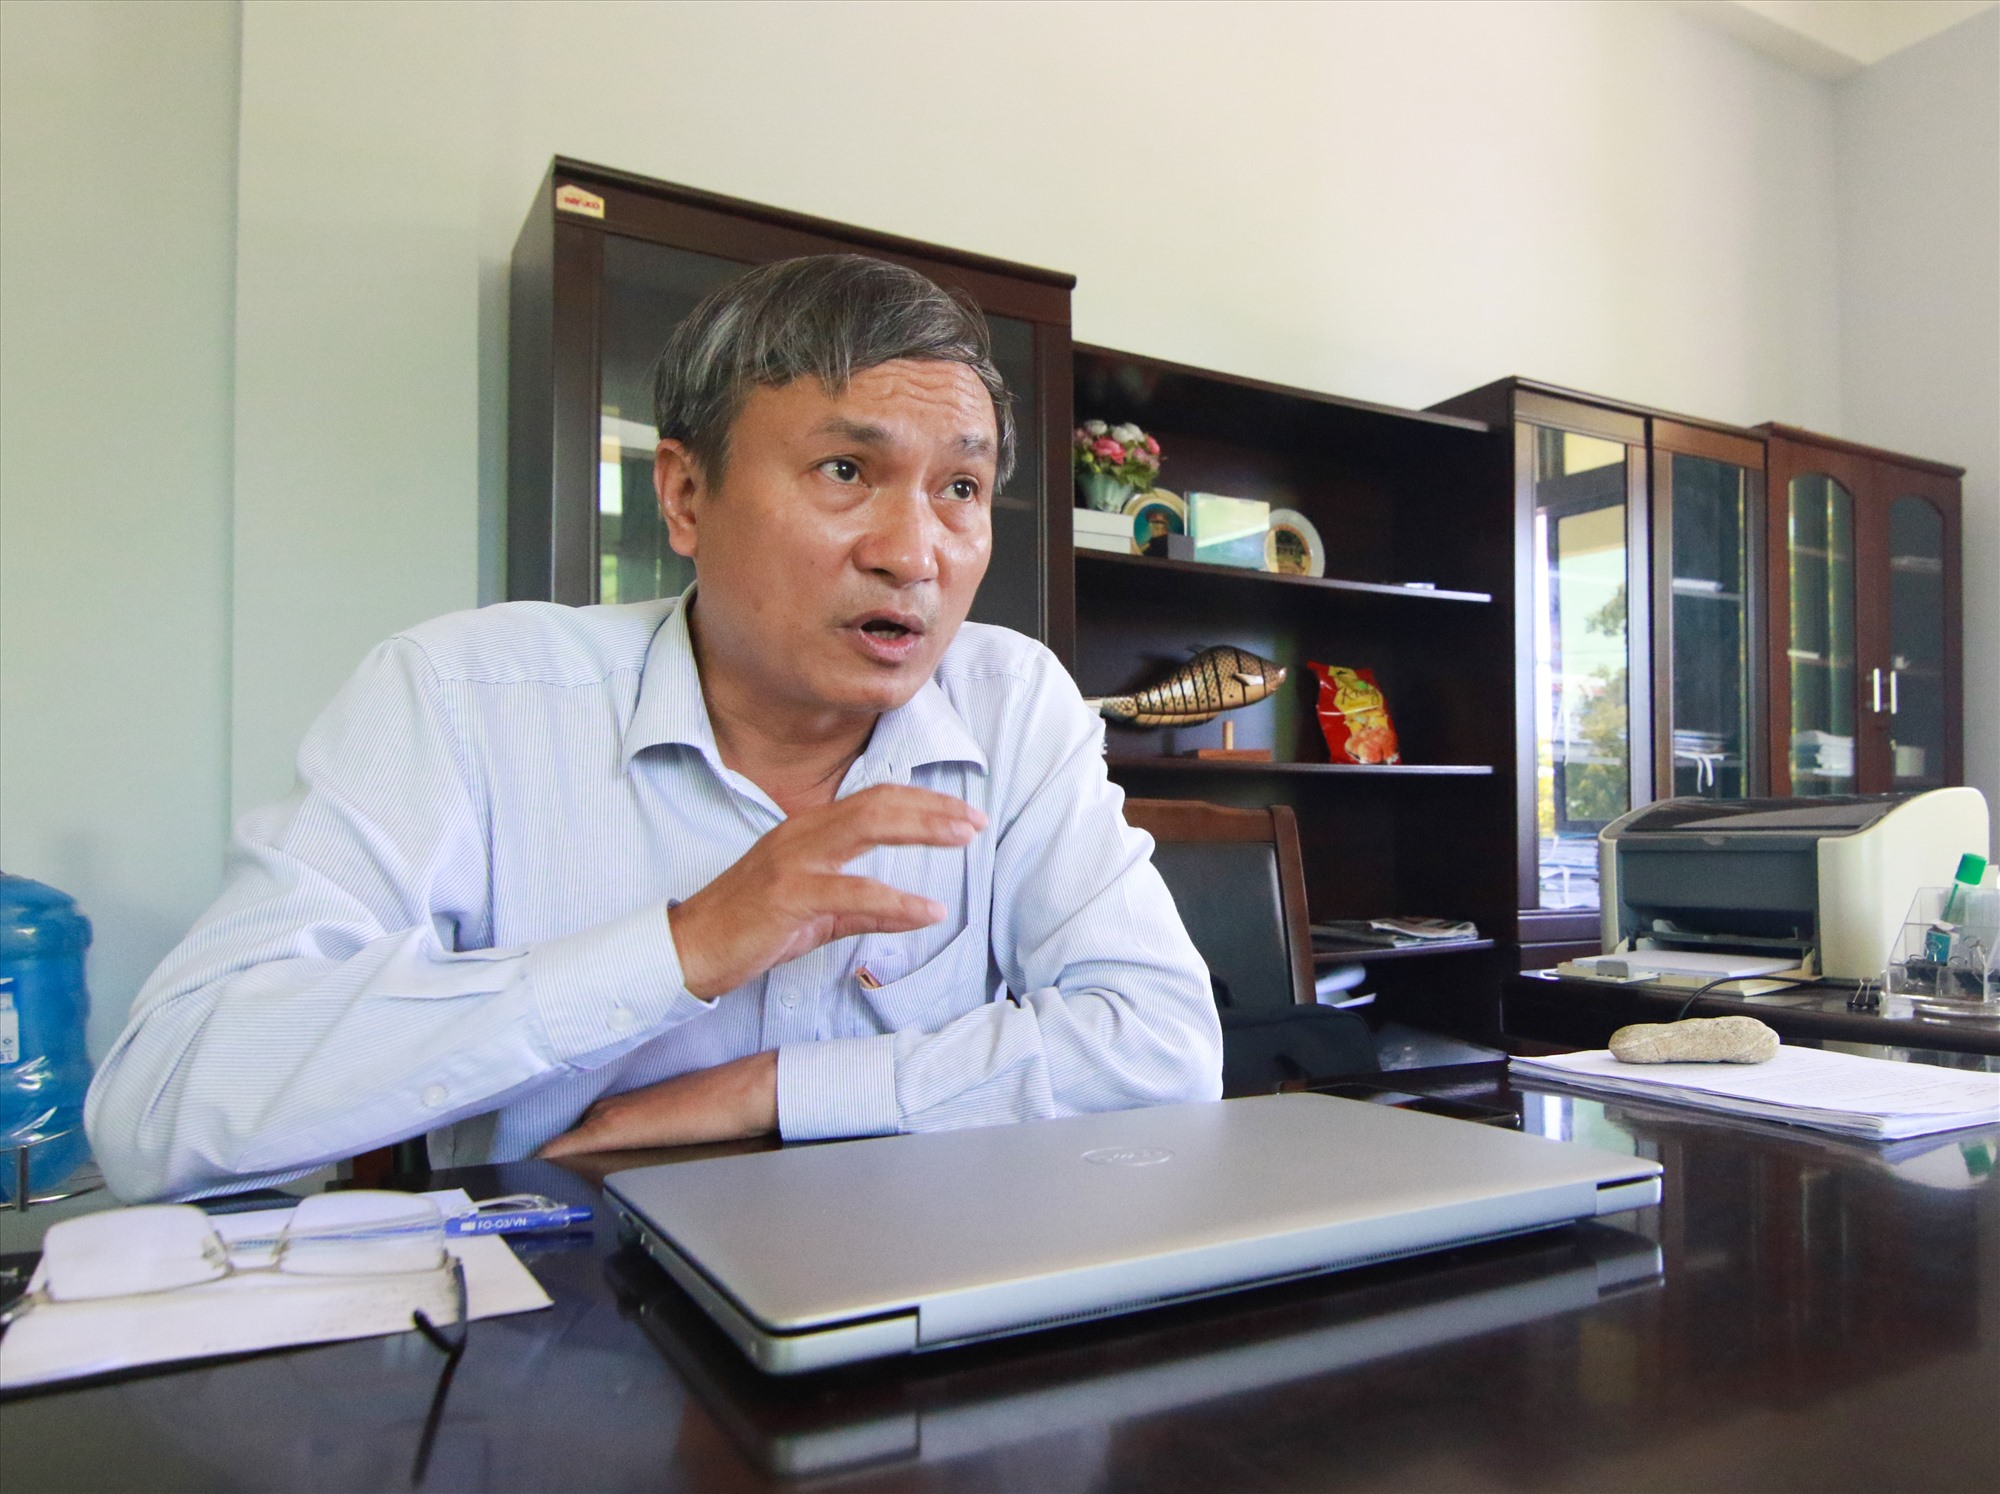 Bí thư Huyện ủy Núi Thành Nguyễn Tri Ấn. Ảnh: C.Đ